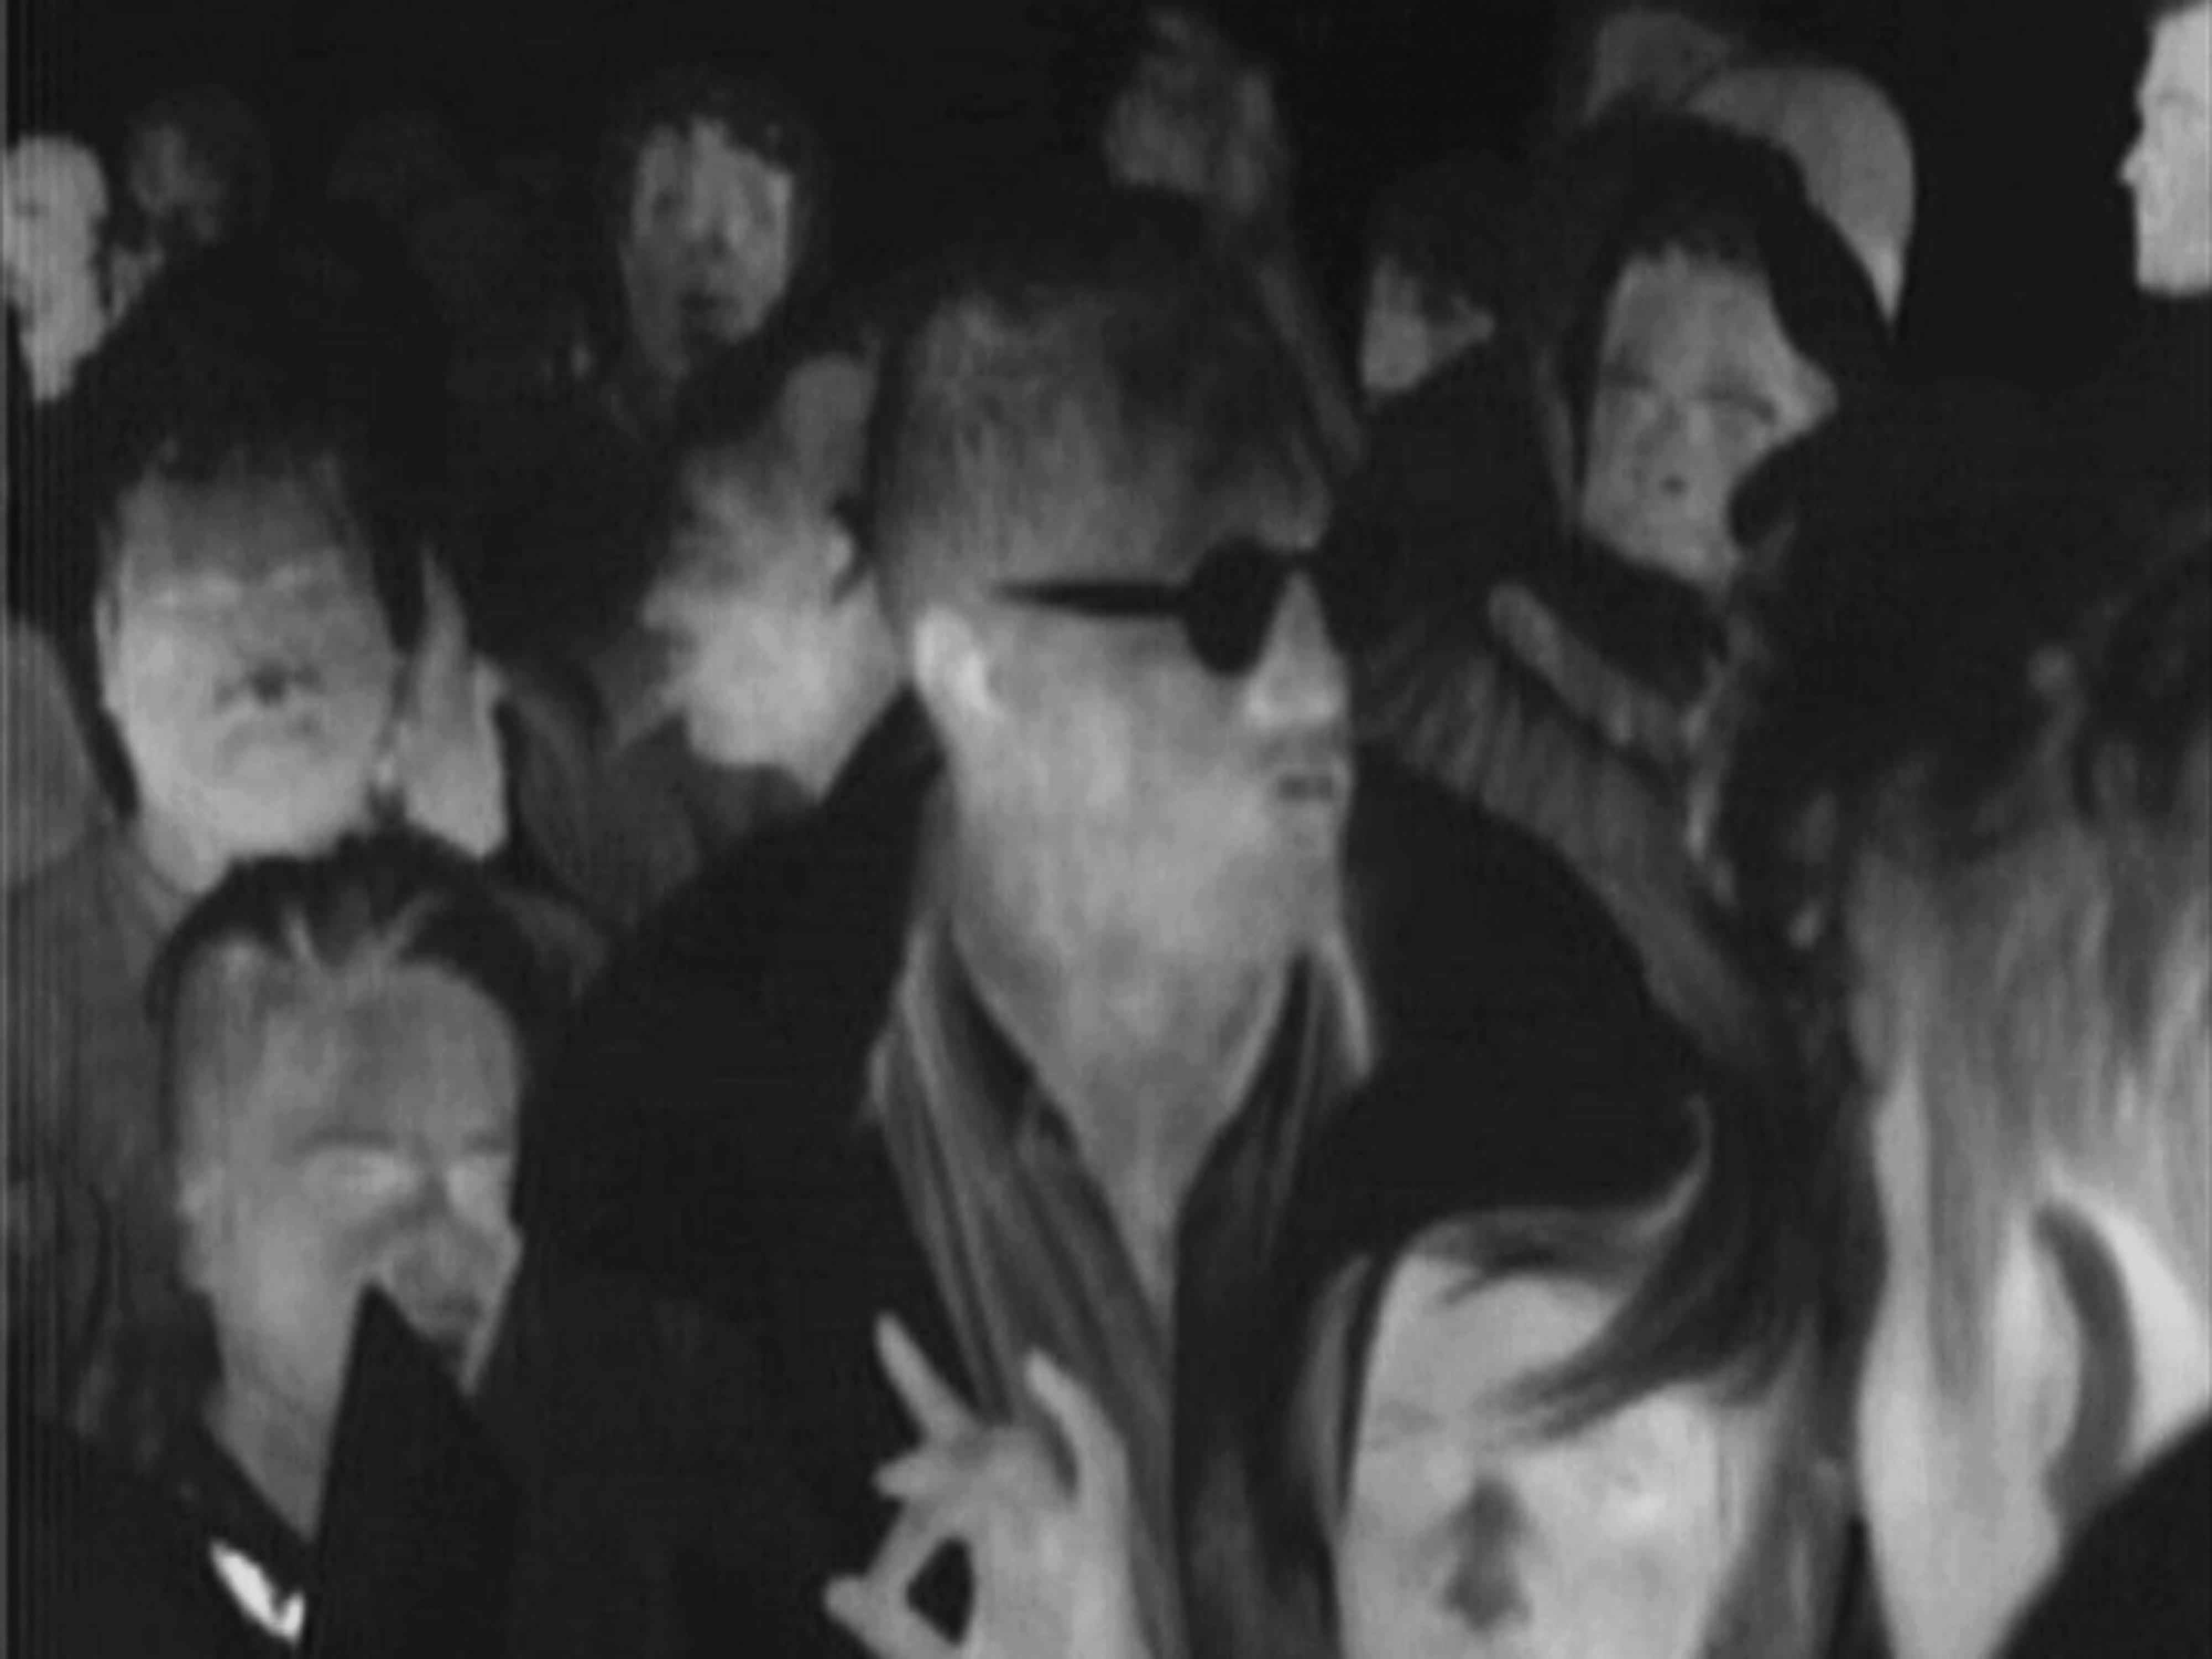 לי אורפז, ברקפסט, 2014, מתוך וידיאו חד-ערוצי, מצלמה תרמית, הקרנה דו-צדדית.